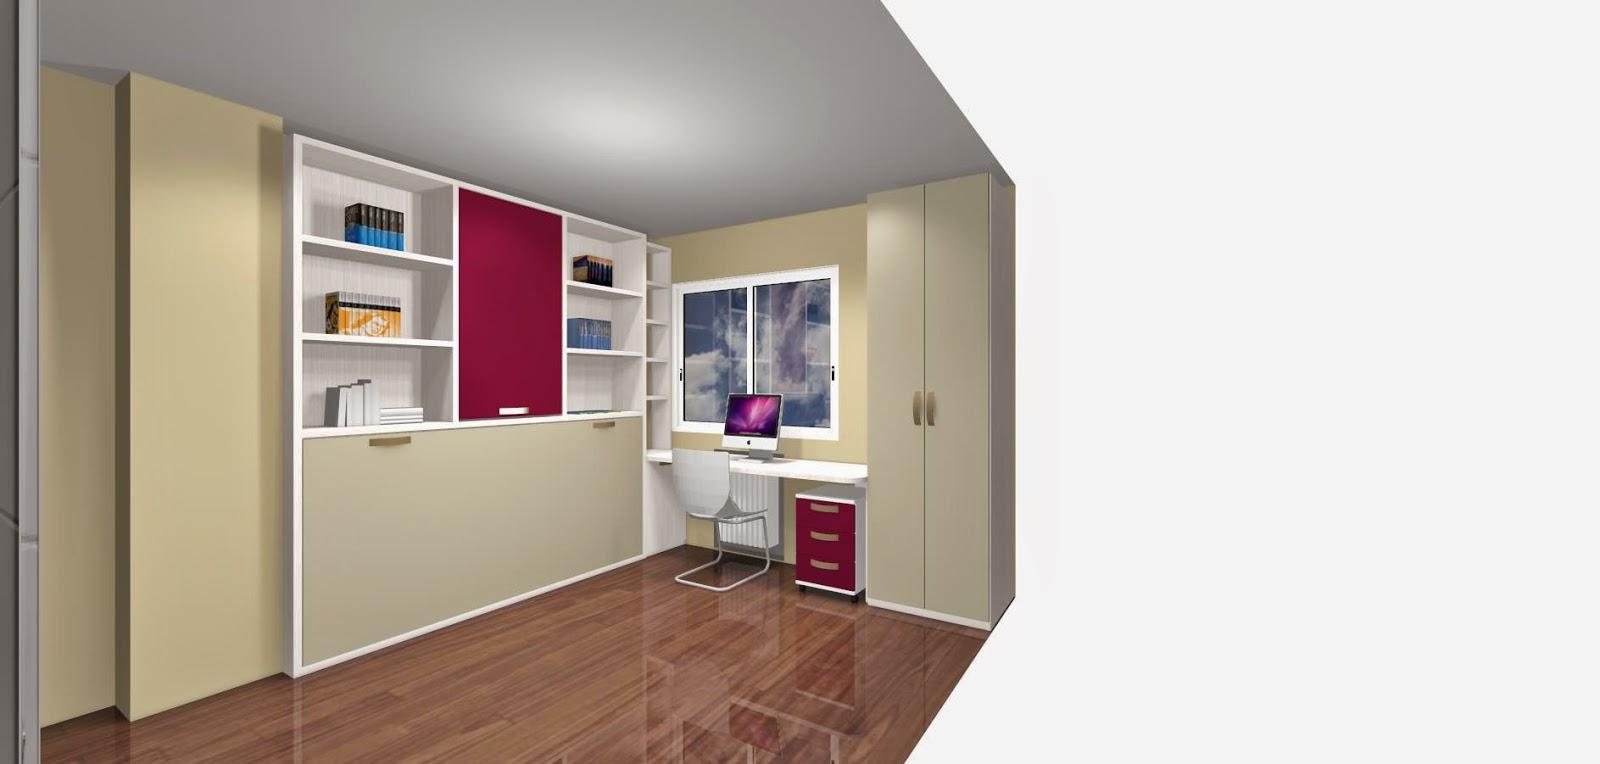 Como ahorrar espacio con camas abatibles para habitaciones pequeñas